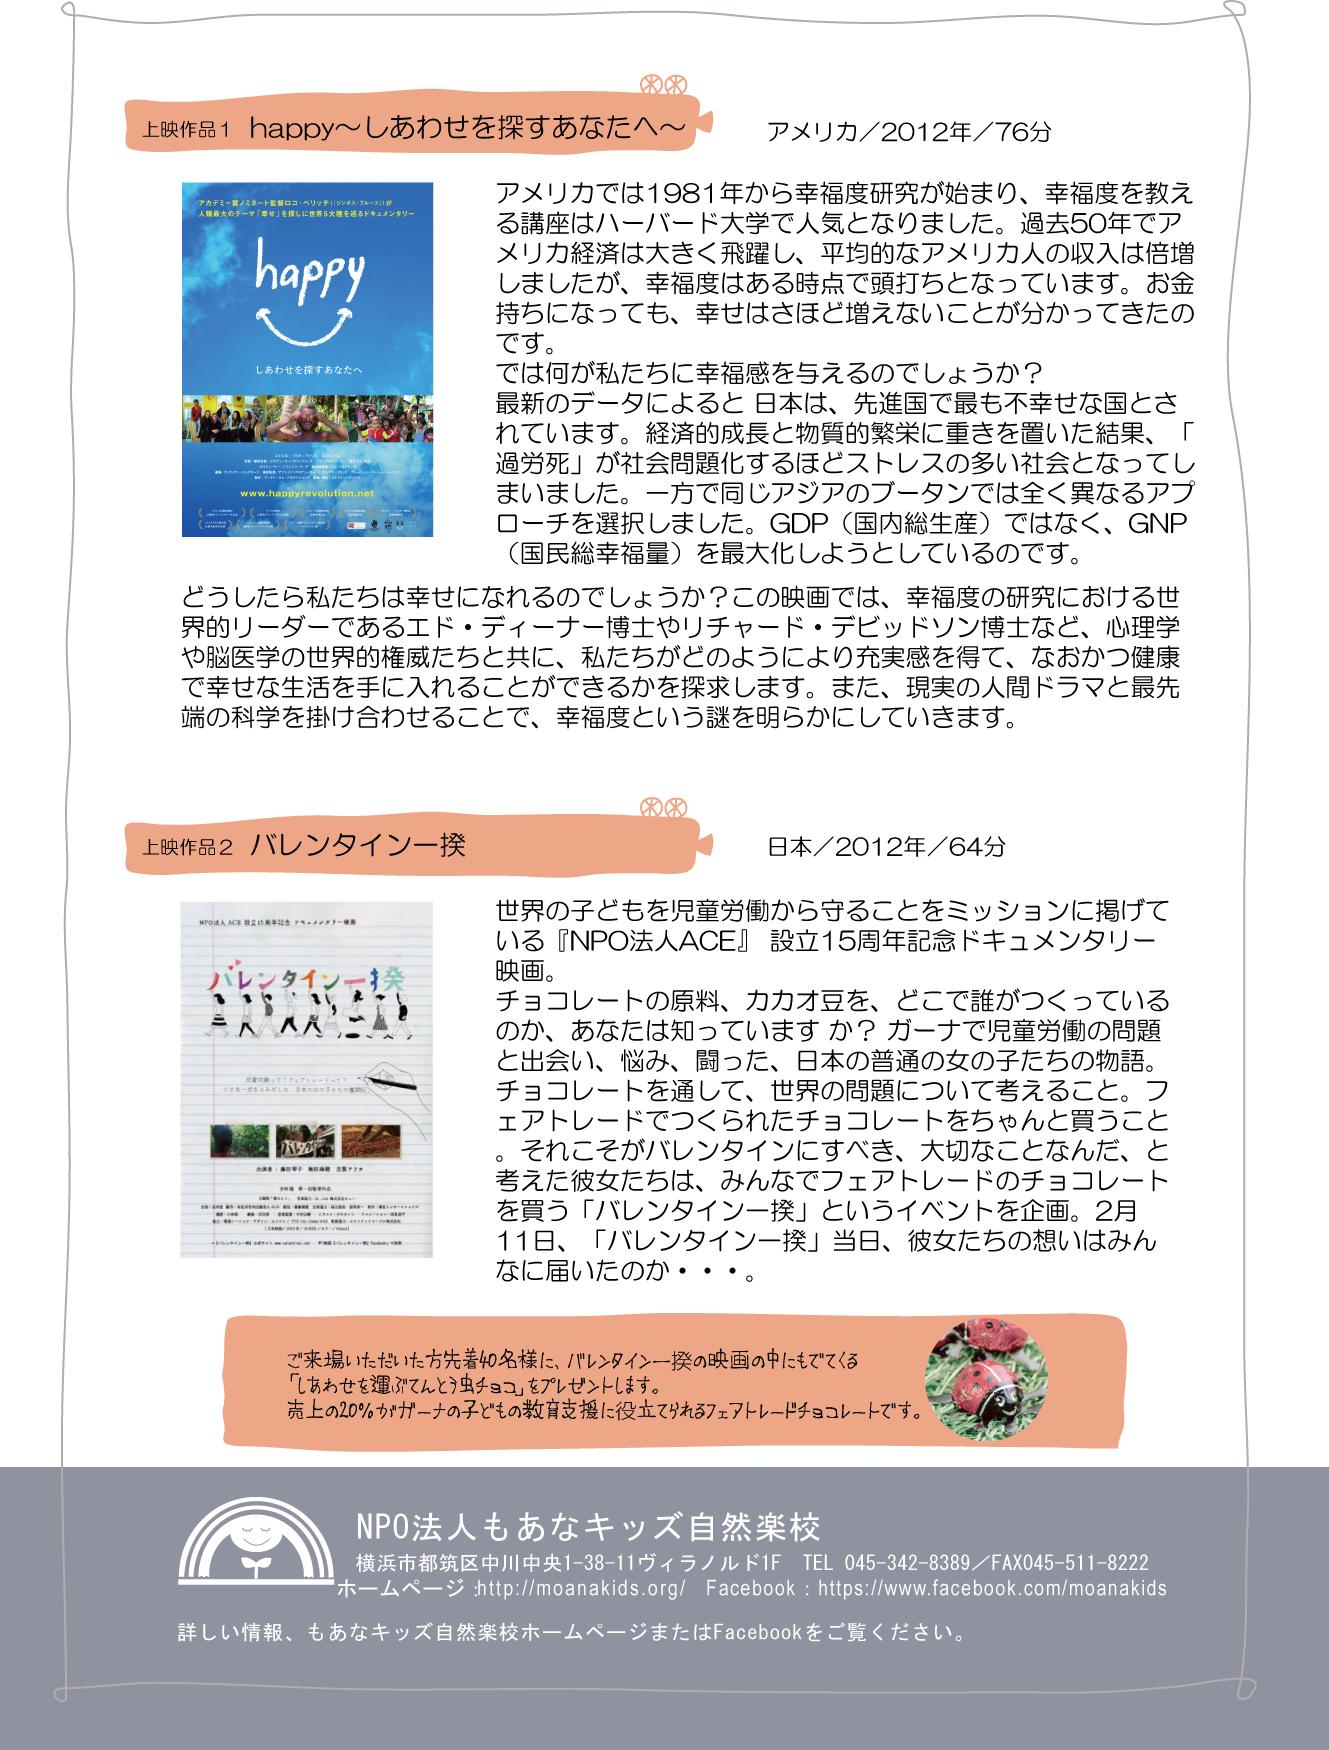 7/9(日)チャリティバザー ちいさな映画祭開催